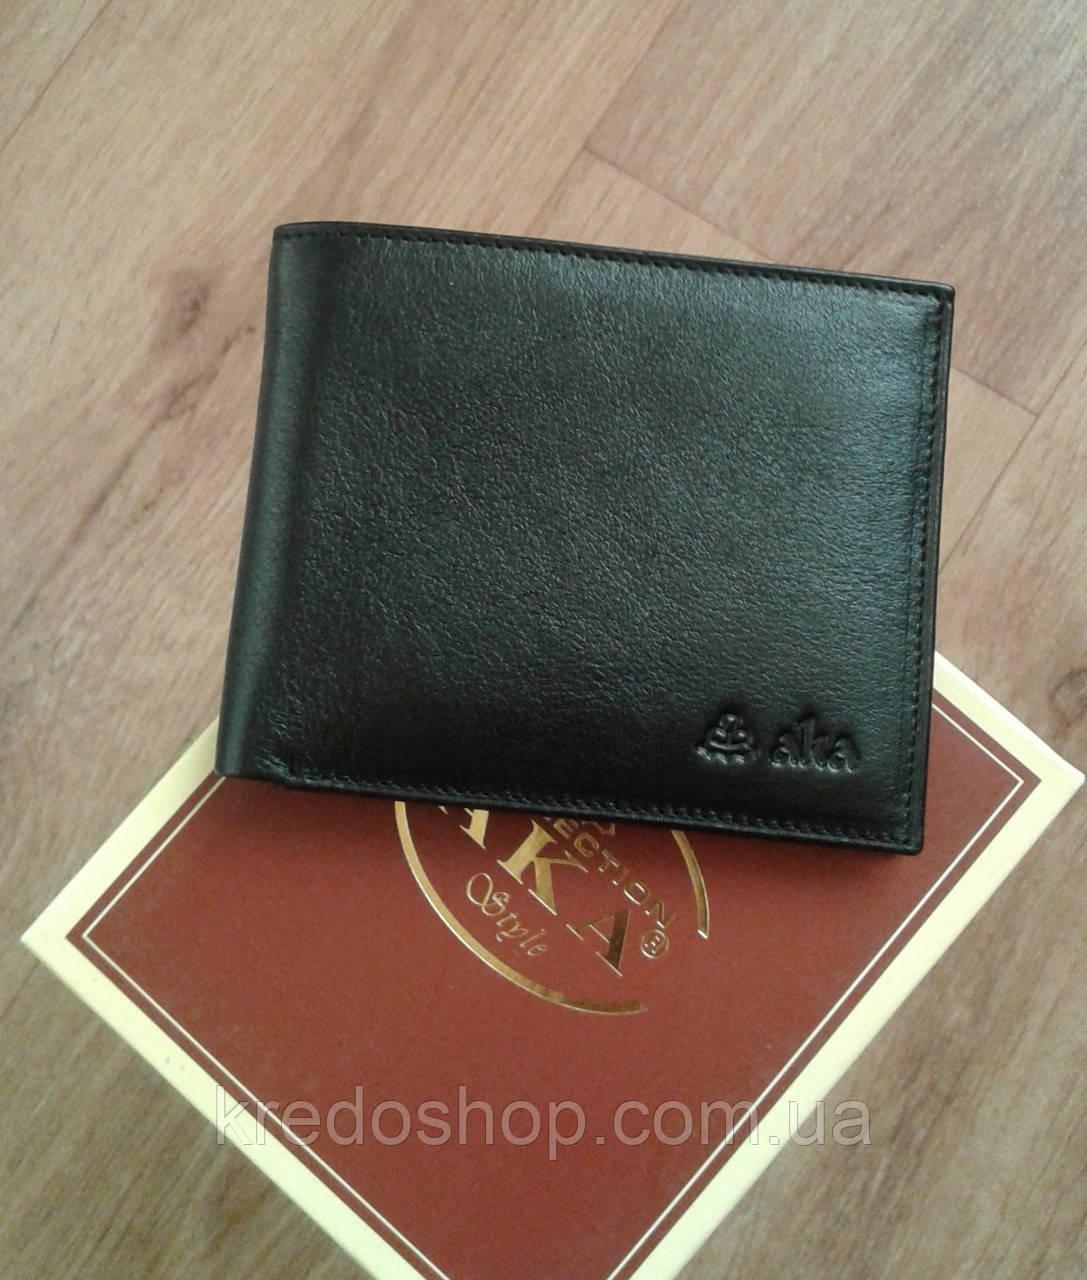 41725616ac8f Кошелек кожаный мужской фирмы Aka Deri высокого качества: продажа ...